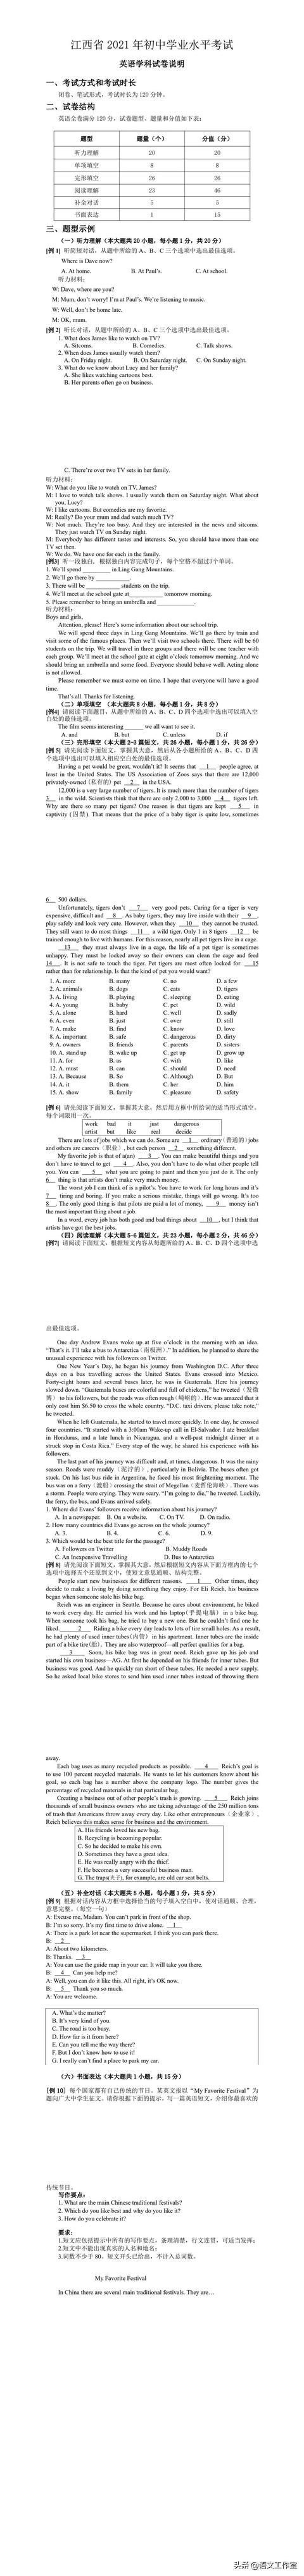 江西教育考试院网,江西省2021年初中学业水平考试各科试卷说明